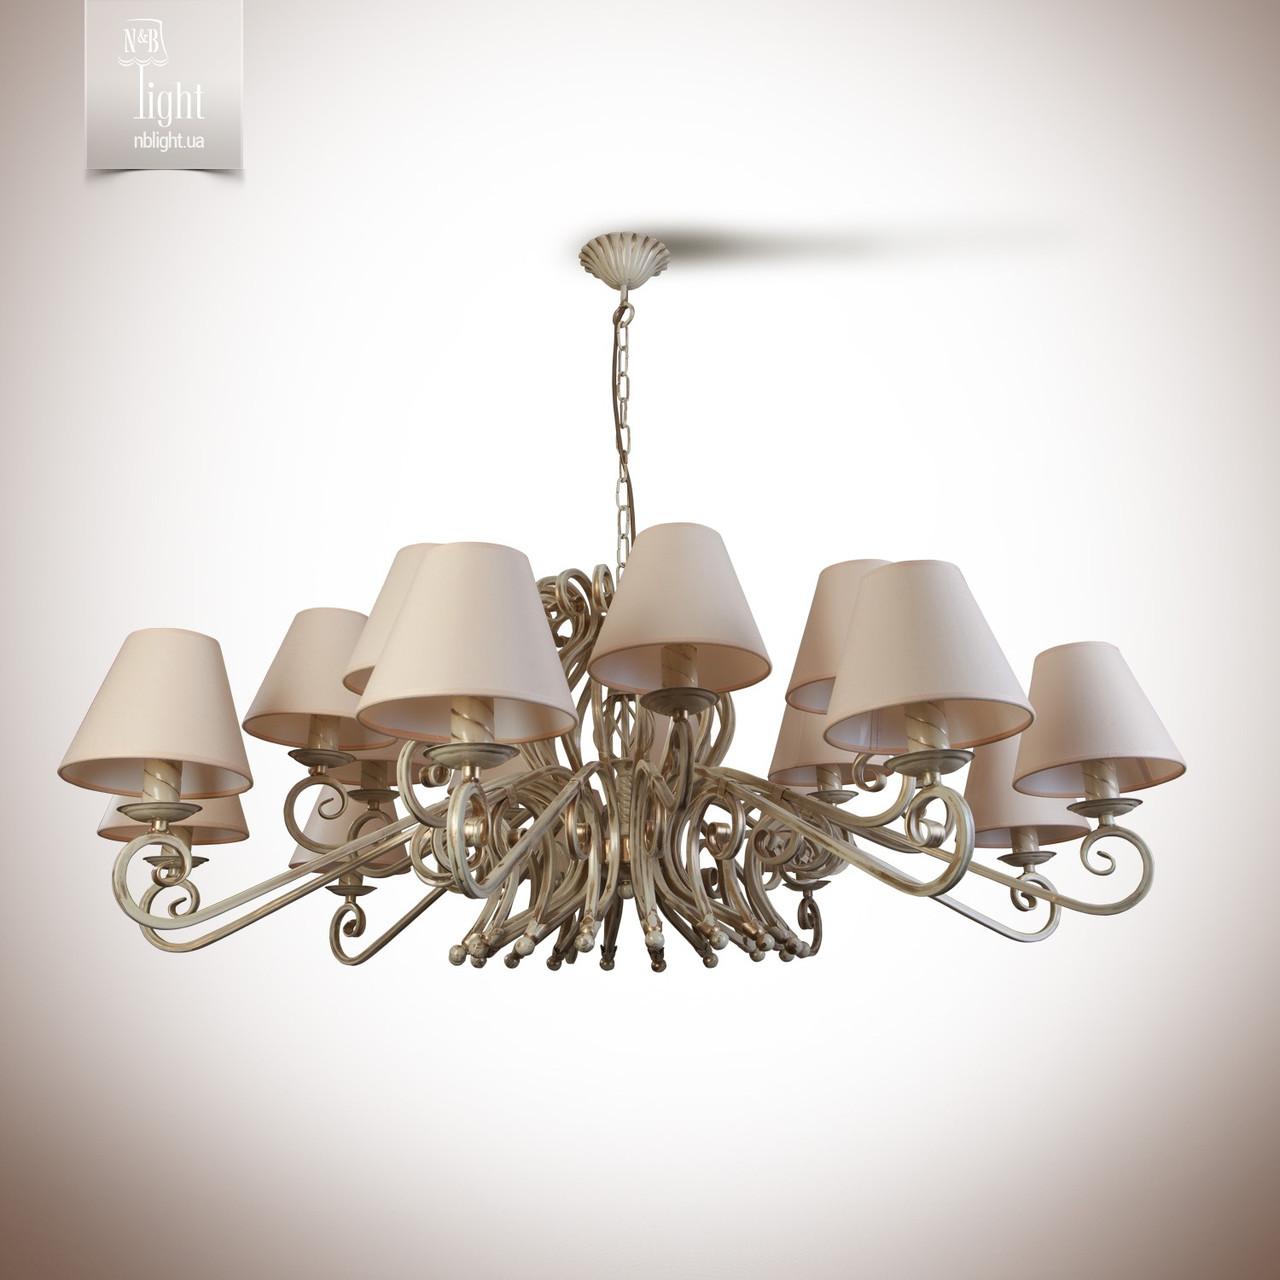 Большая люстра для зала, холла на 18 лампочек с абажурами 9366